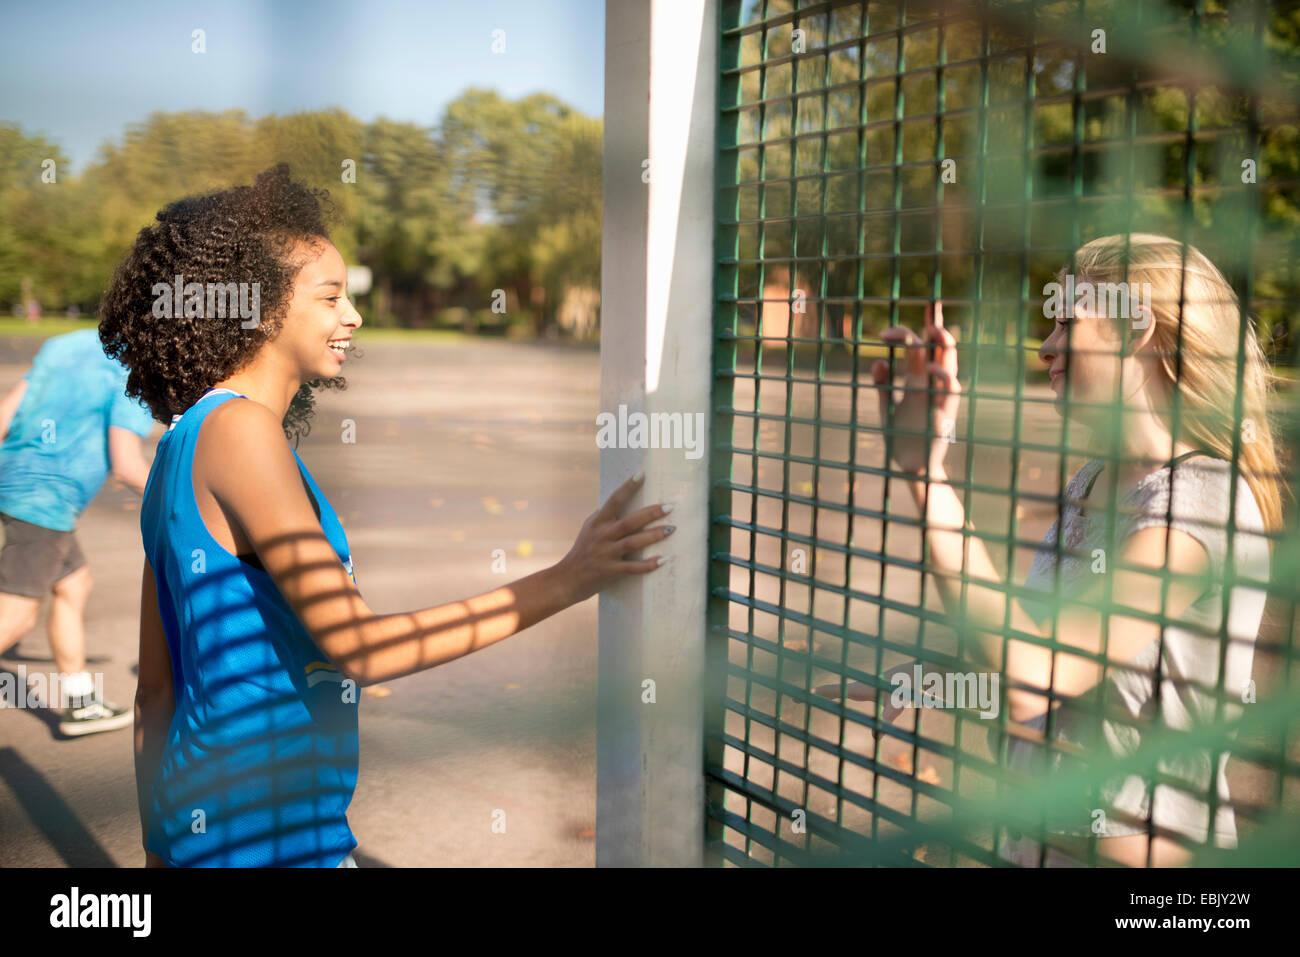 Dos jóvenes jugadores de baloncesto femenino charlando sobre la valla de alambre opuesto Foto de stock